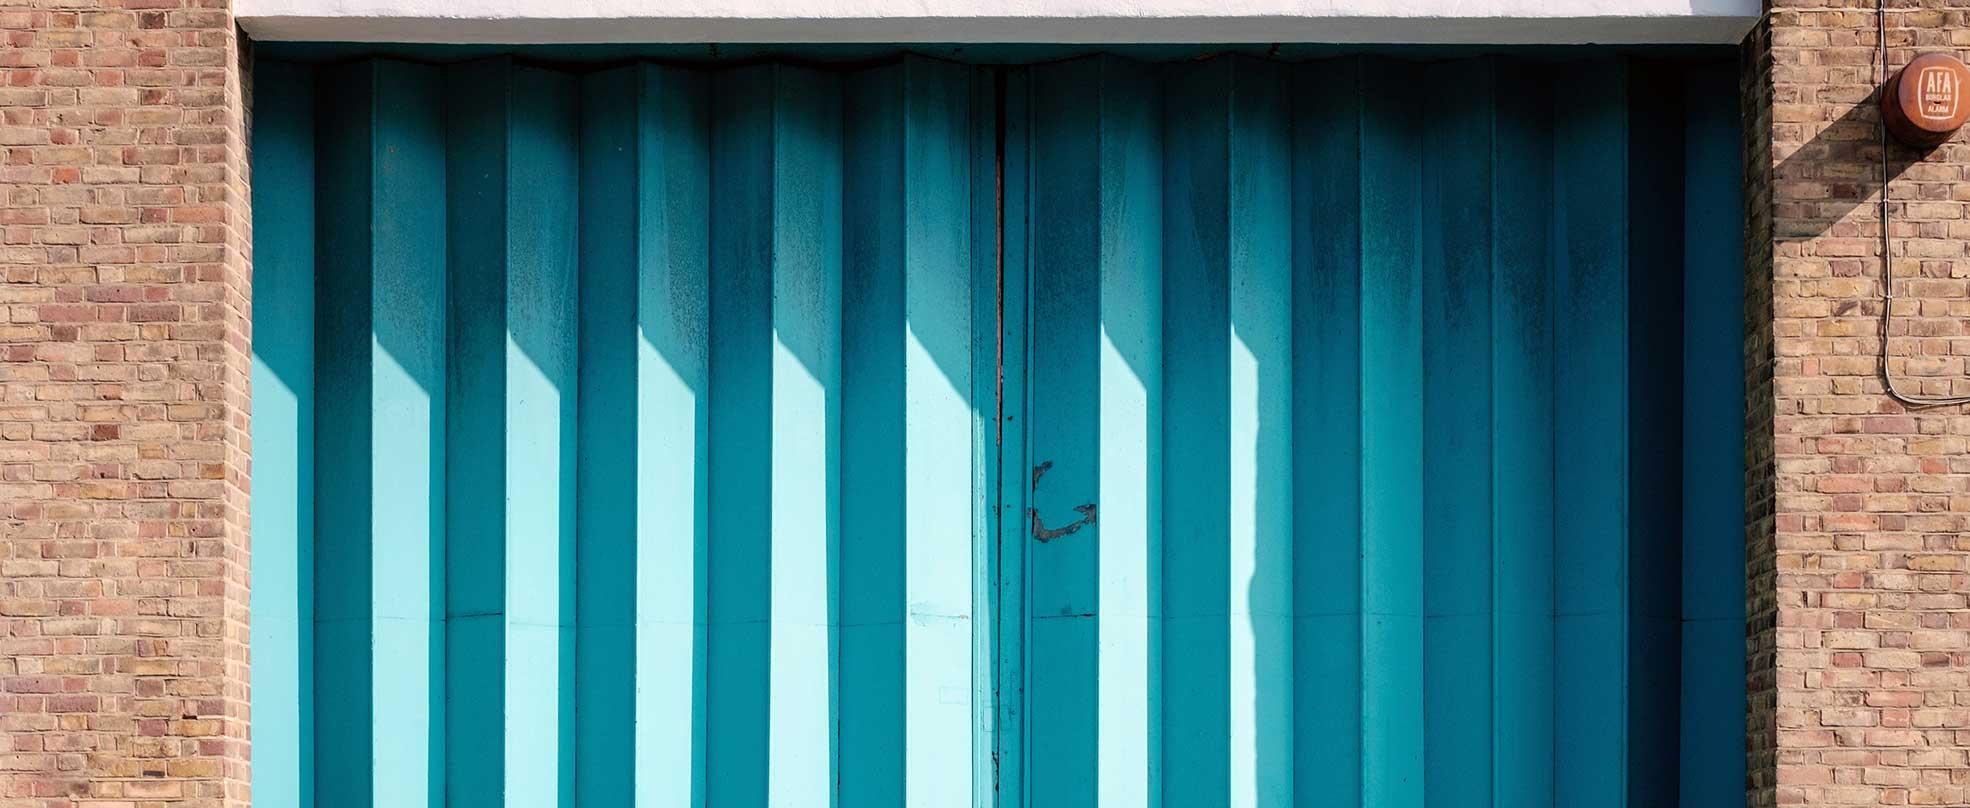 brick-building-blue-shutter-door